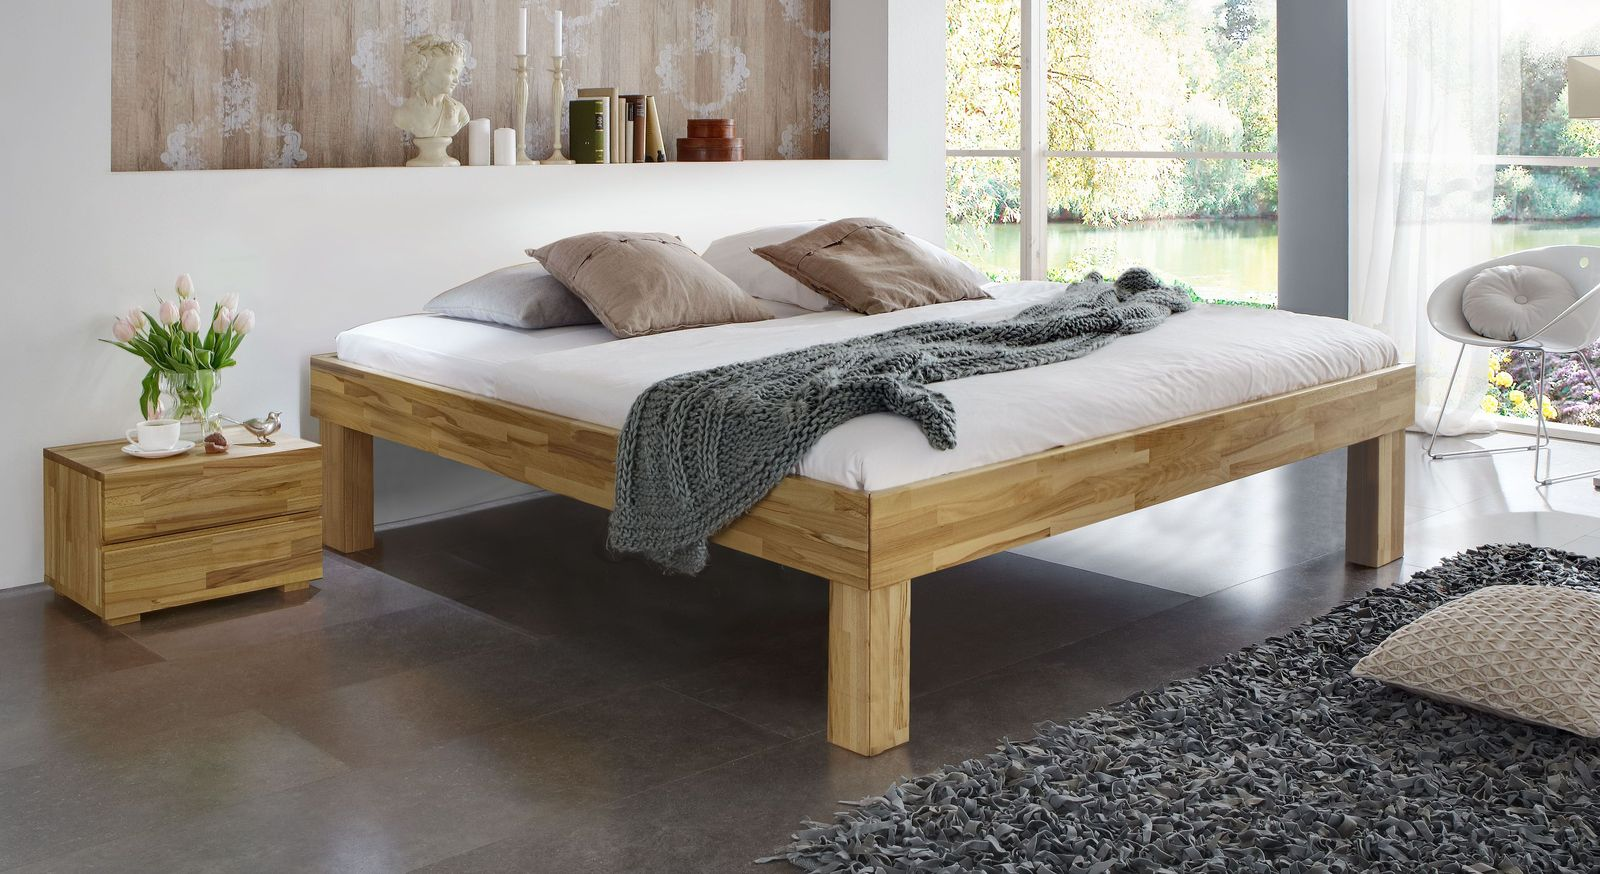 Massivholzliege Madrid Komfort aus Kernbuche mit 30 cm hohen Füßen